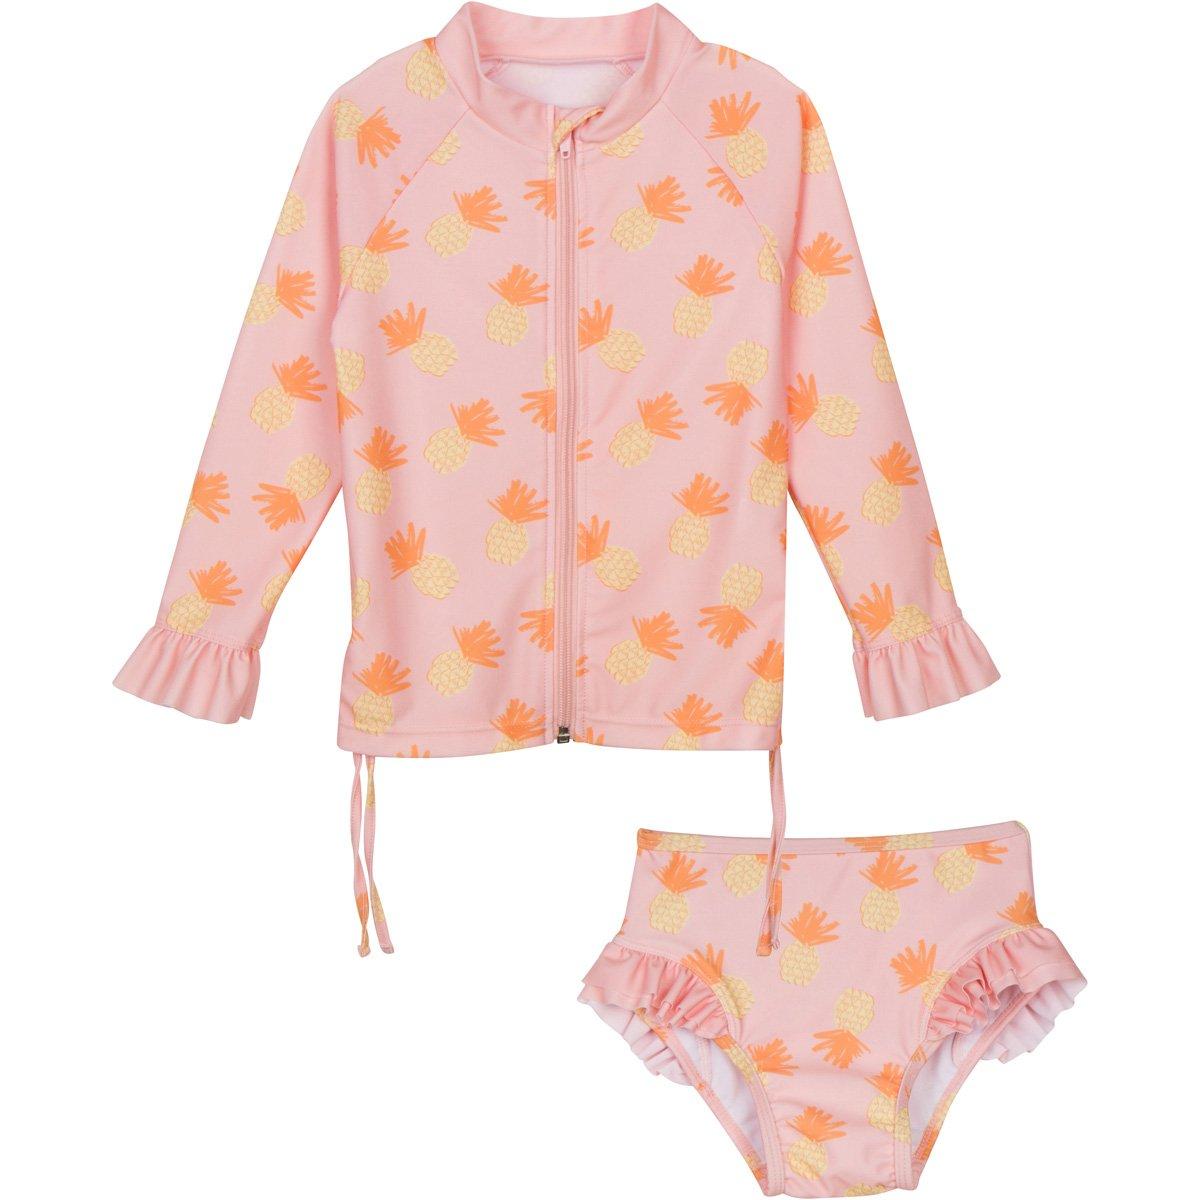 SwimZip Little Girl Zipper Long Sleeve Orange Rash Guard 2 Piece Swimsuit Set Sweet Pineapple SWEETPINEAPPLE2PCLS01